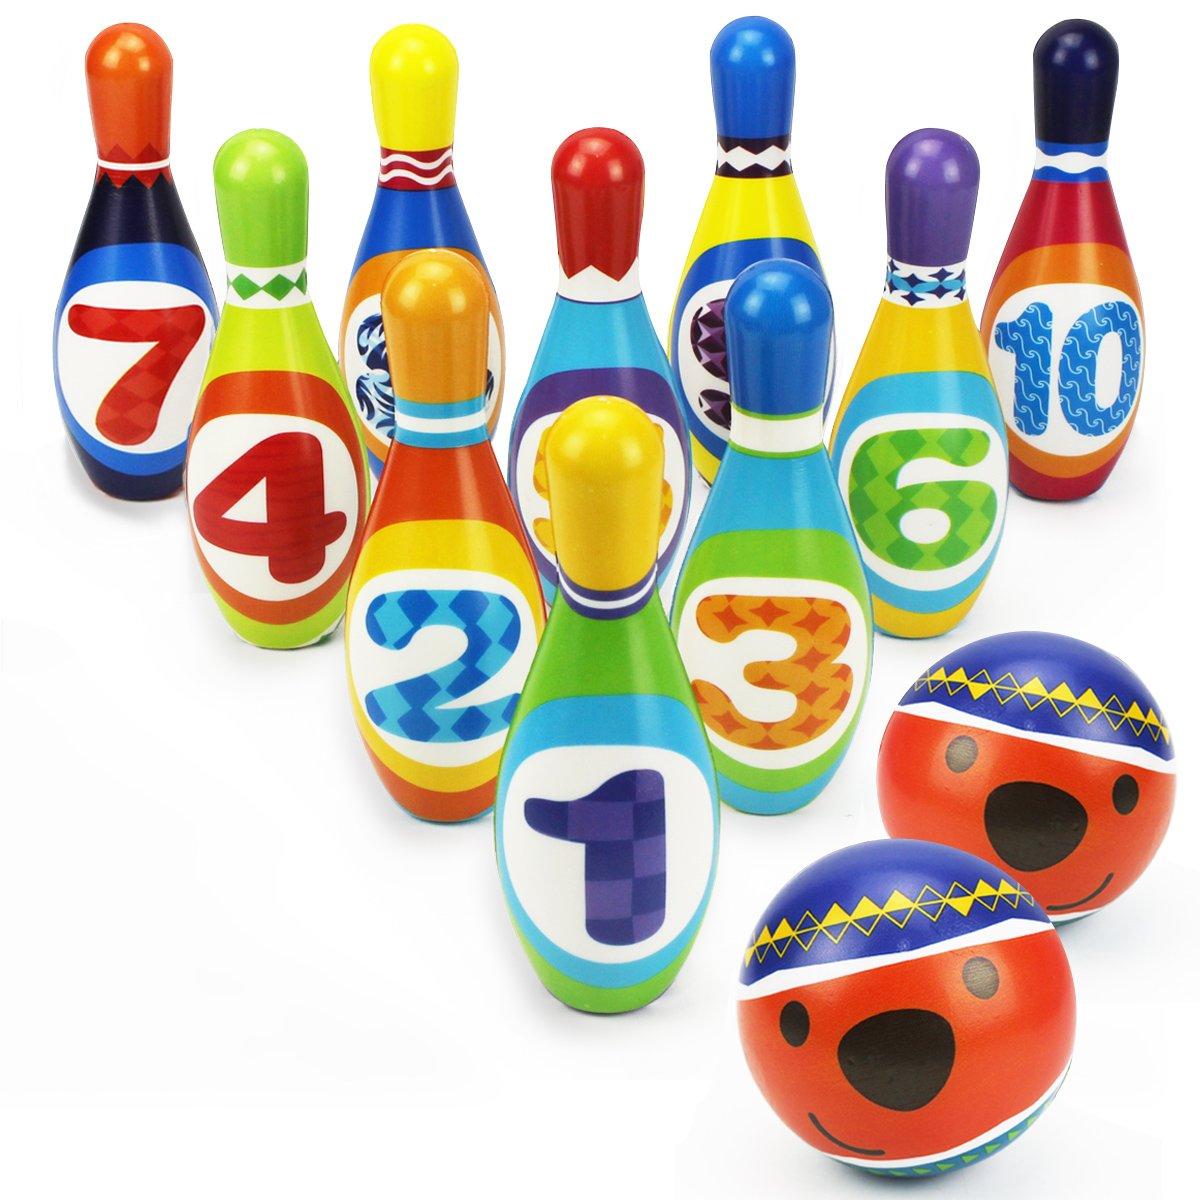 Iplay Ilearn Kids Bowling Play Set, Schaumstoff Ball Spielzeug Geschenke, Educational, frühe Entwicklung, Sport, Indoor Spielzeug, 10Pins und 2Kugeln für Alter 2, 3, 4, 5jährigen Kinder, Kleinkinder, Jungen, Mädchen frühe Entwicklung 5jährigen Kinder M